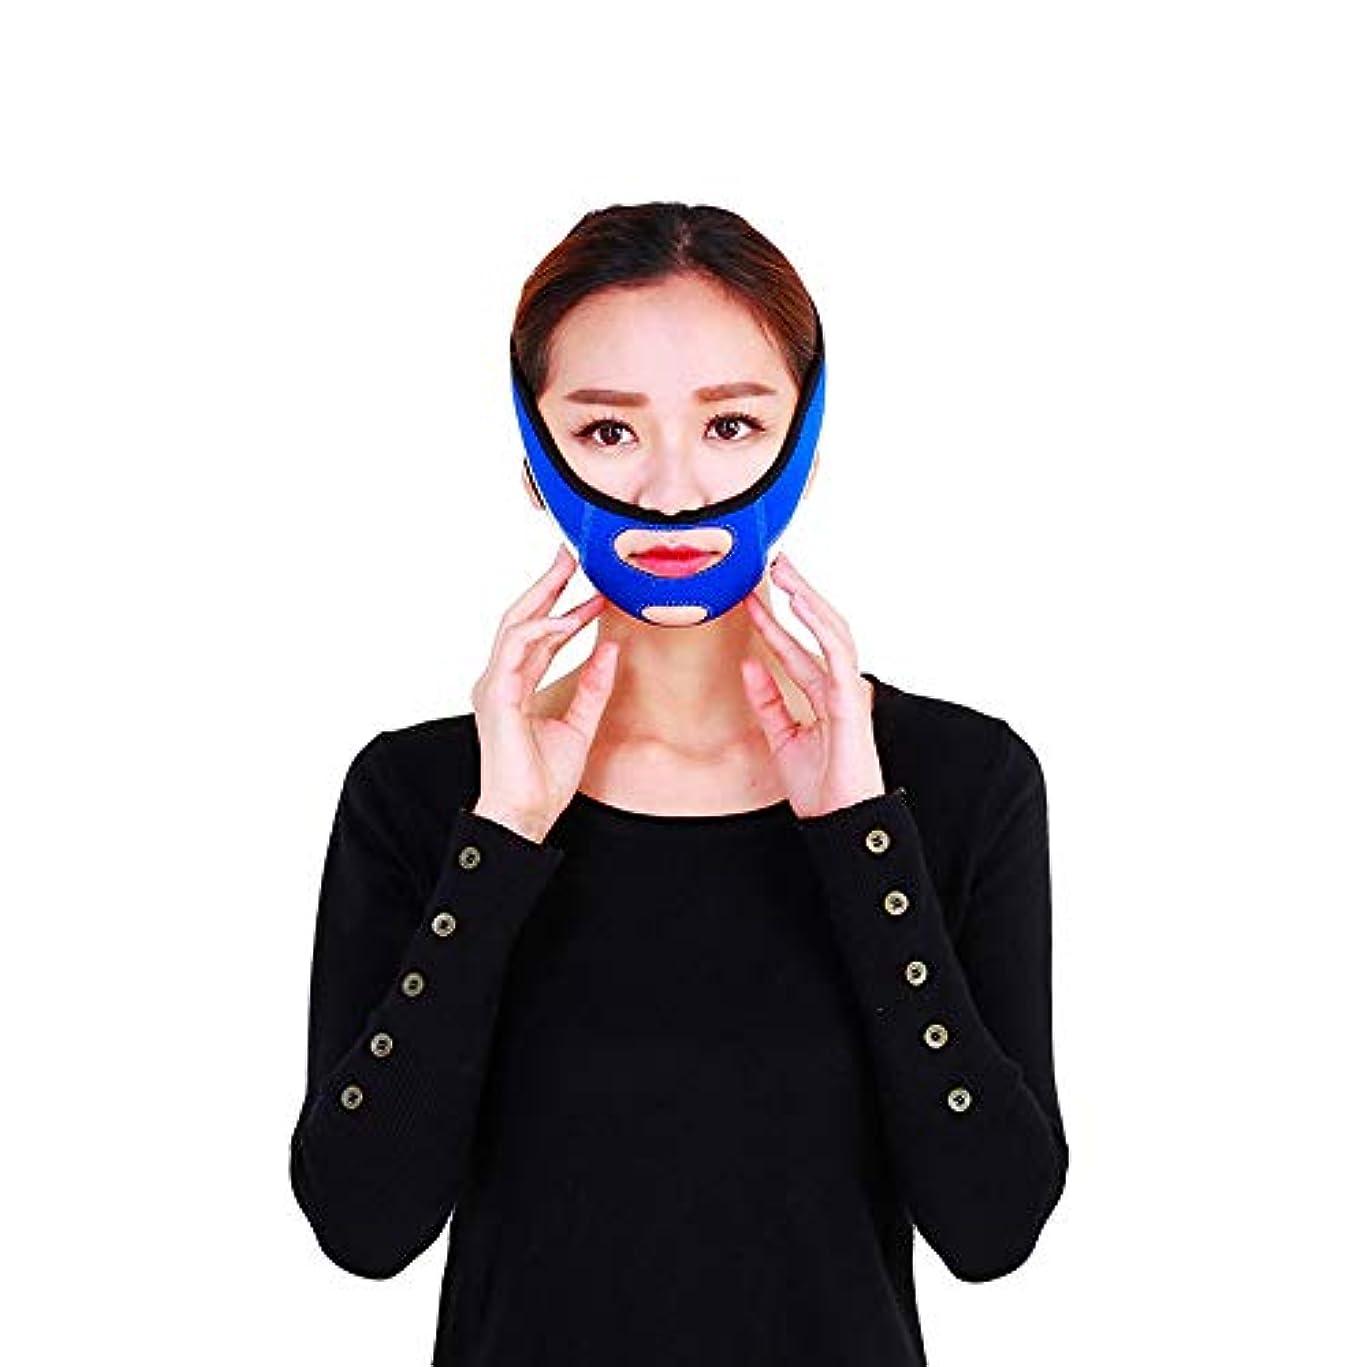 入手します付録フェイシャルリフティング痩身ベルトフェーススリム二重あごを取り除くアンチエイジングリンクルフェイス包帯マスク整形マスクが顔を引き締める